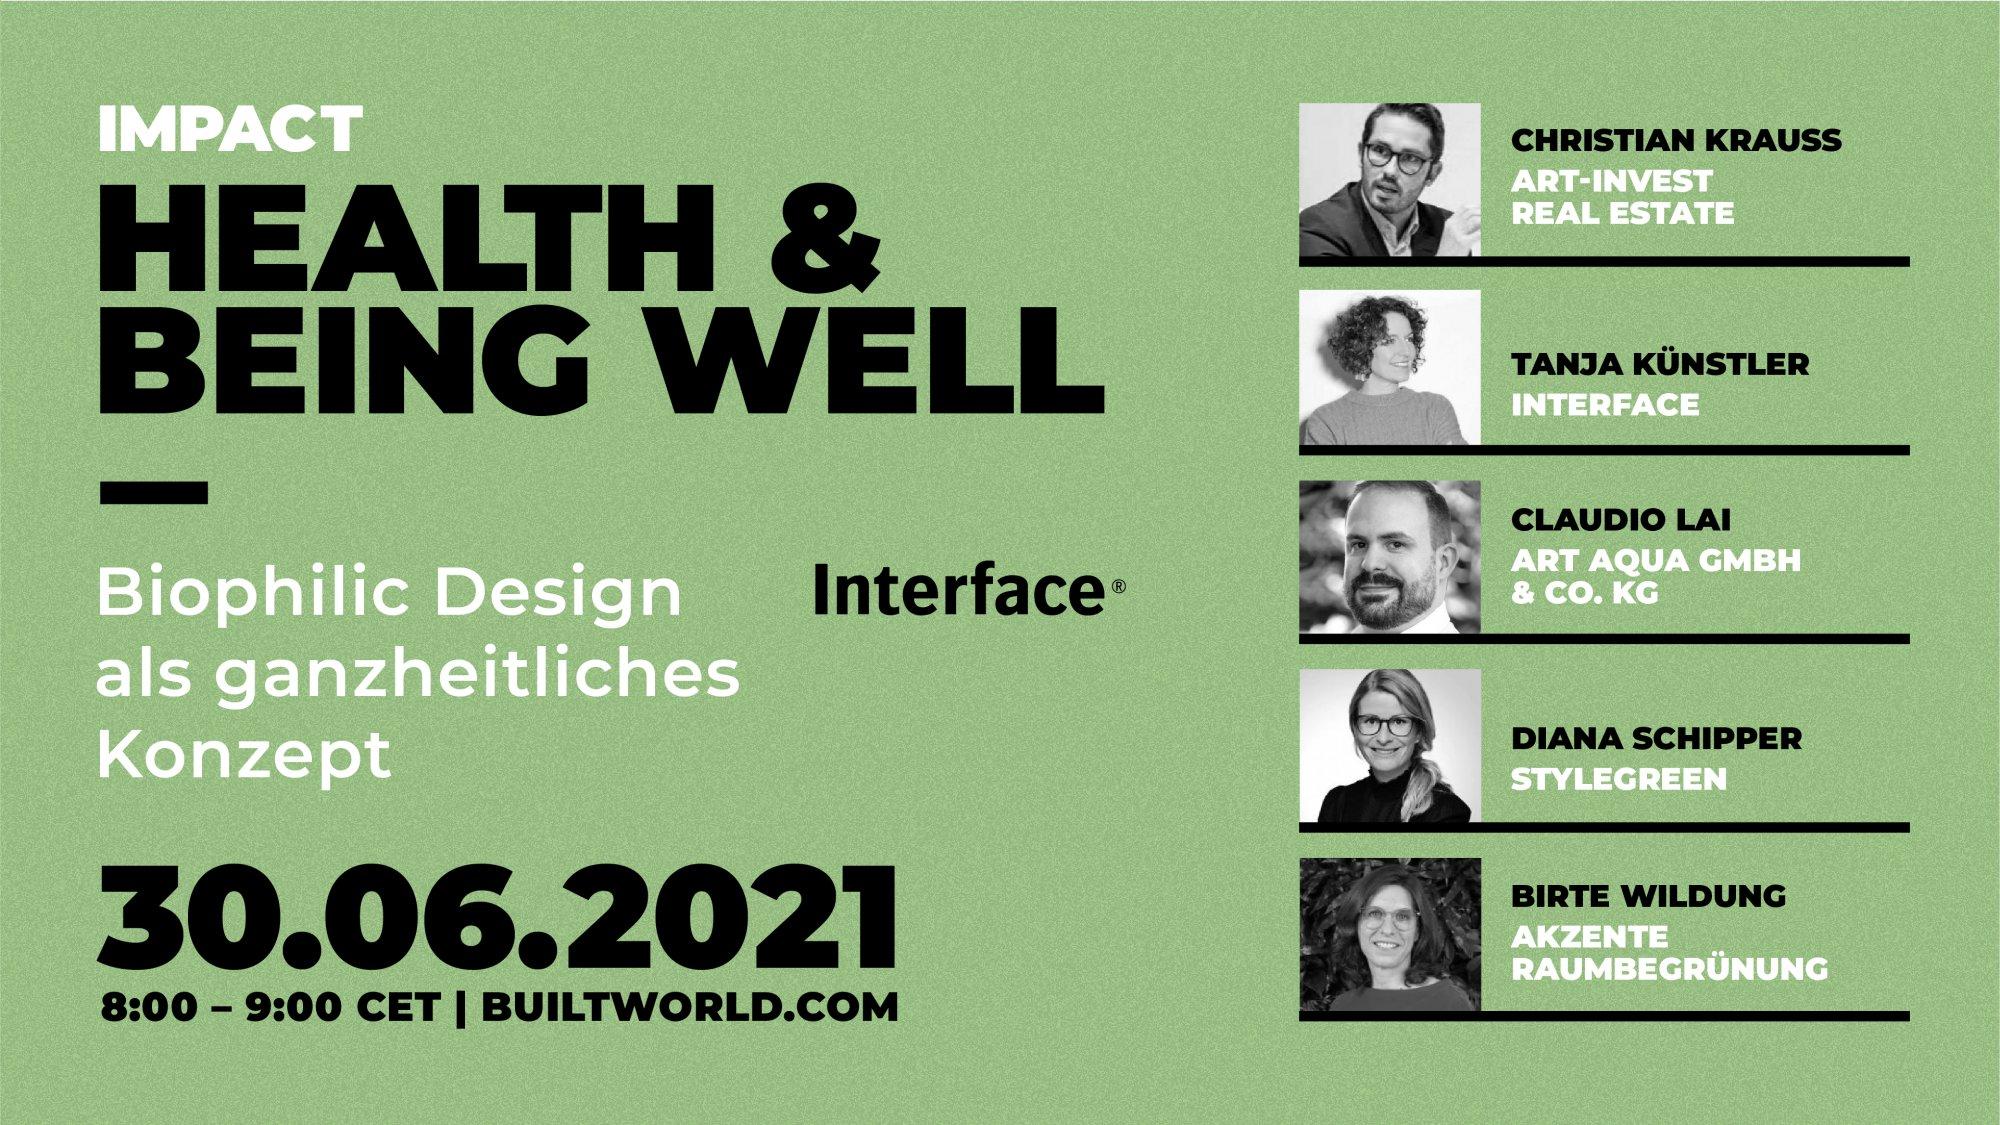 health-being-well-biophilic-design-als-ganzheitliches-konzept